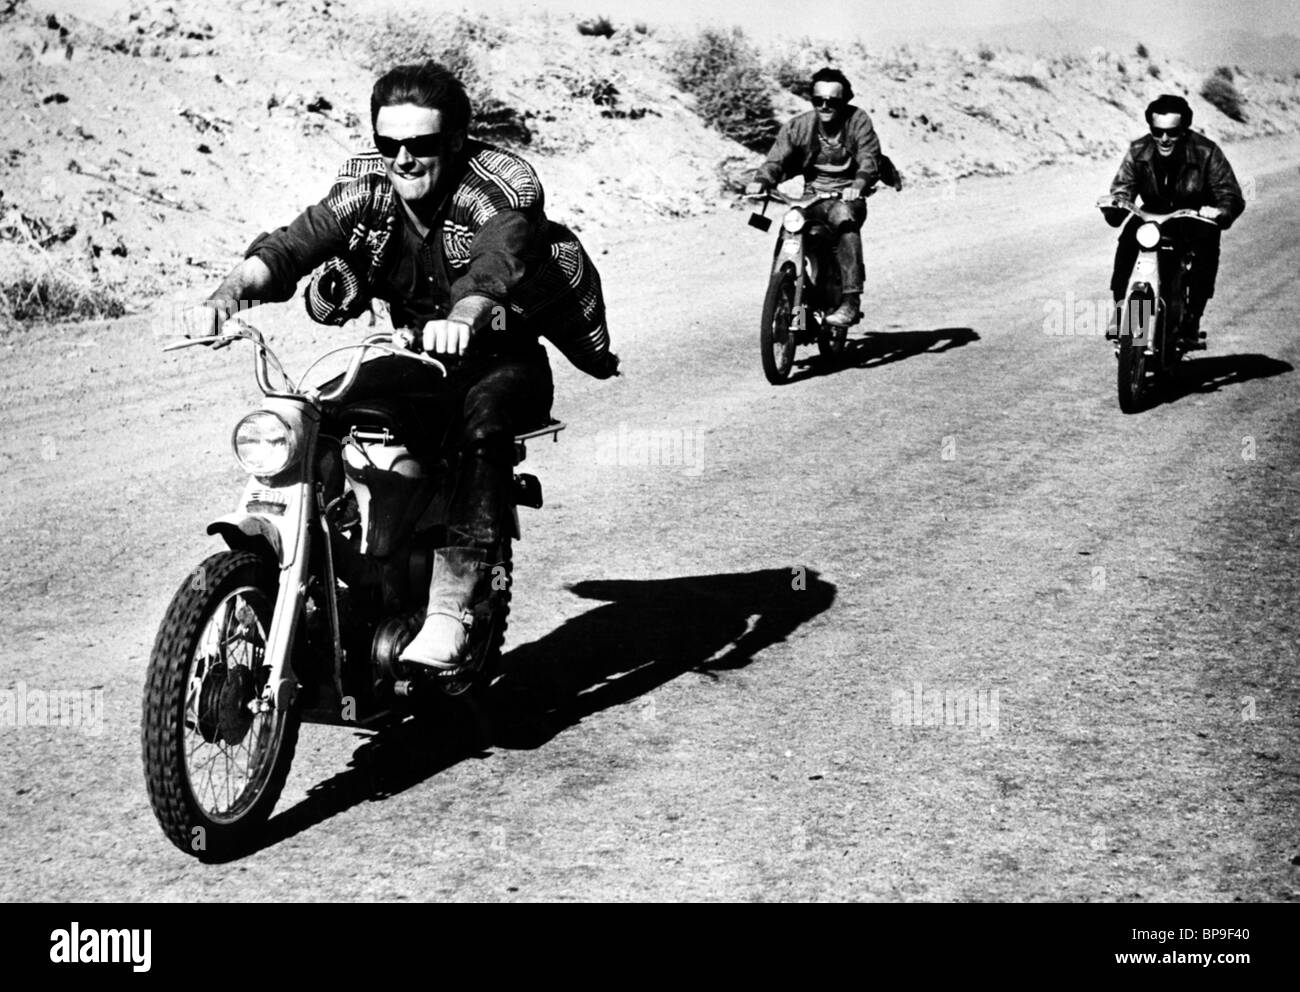 MOVIE SCENE MOTOR PSYCHO (1965) - Stock Image